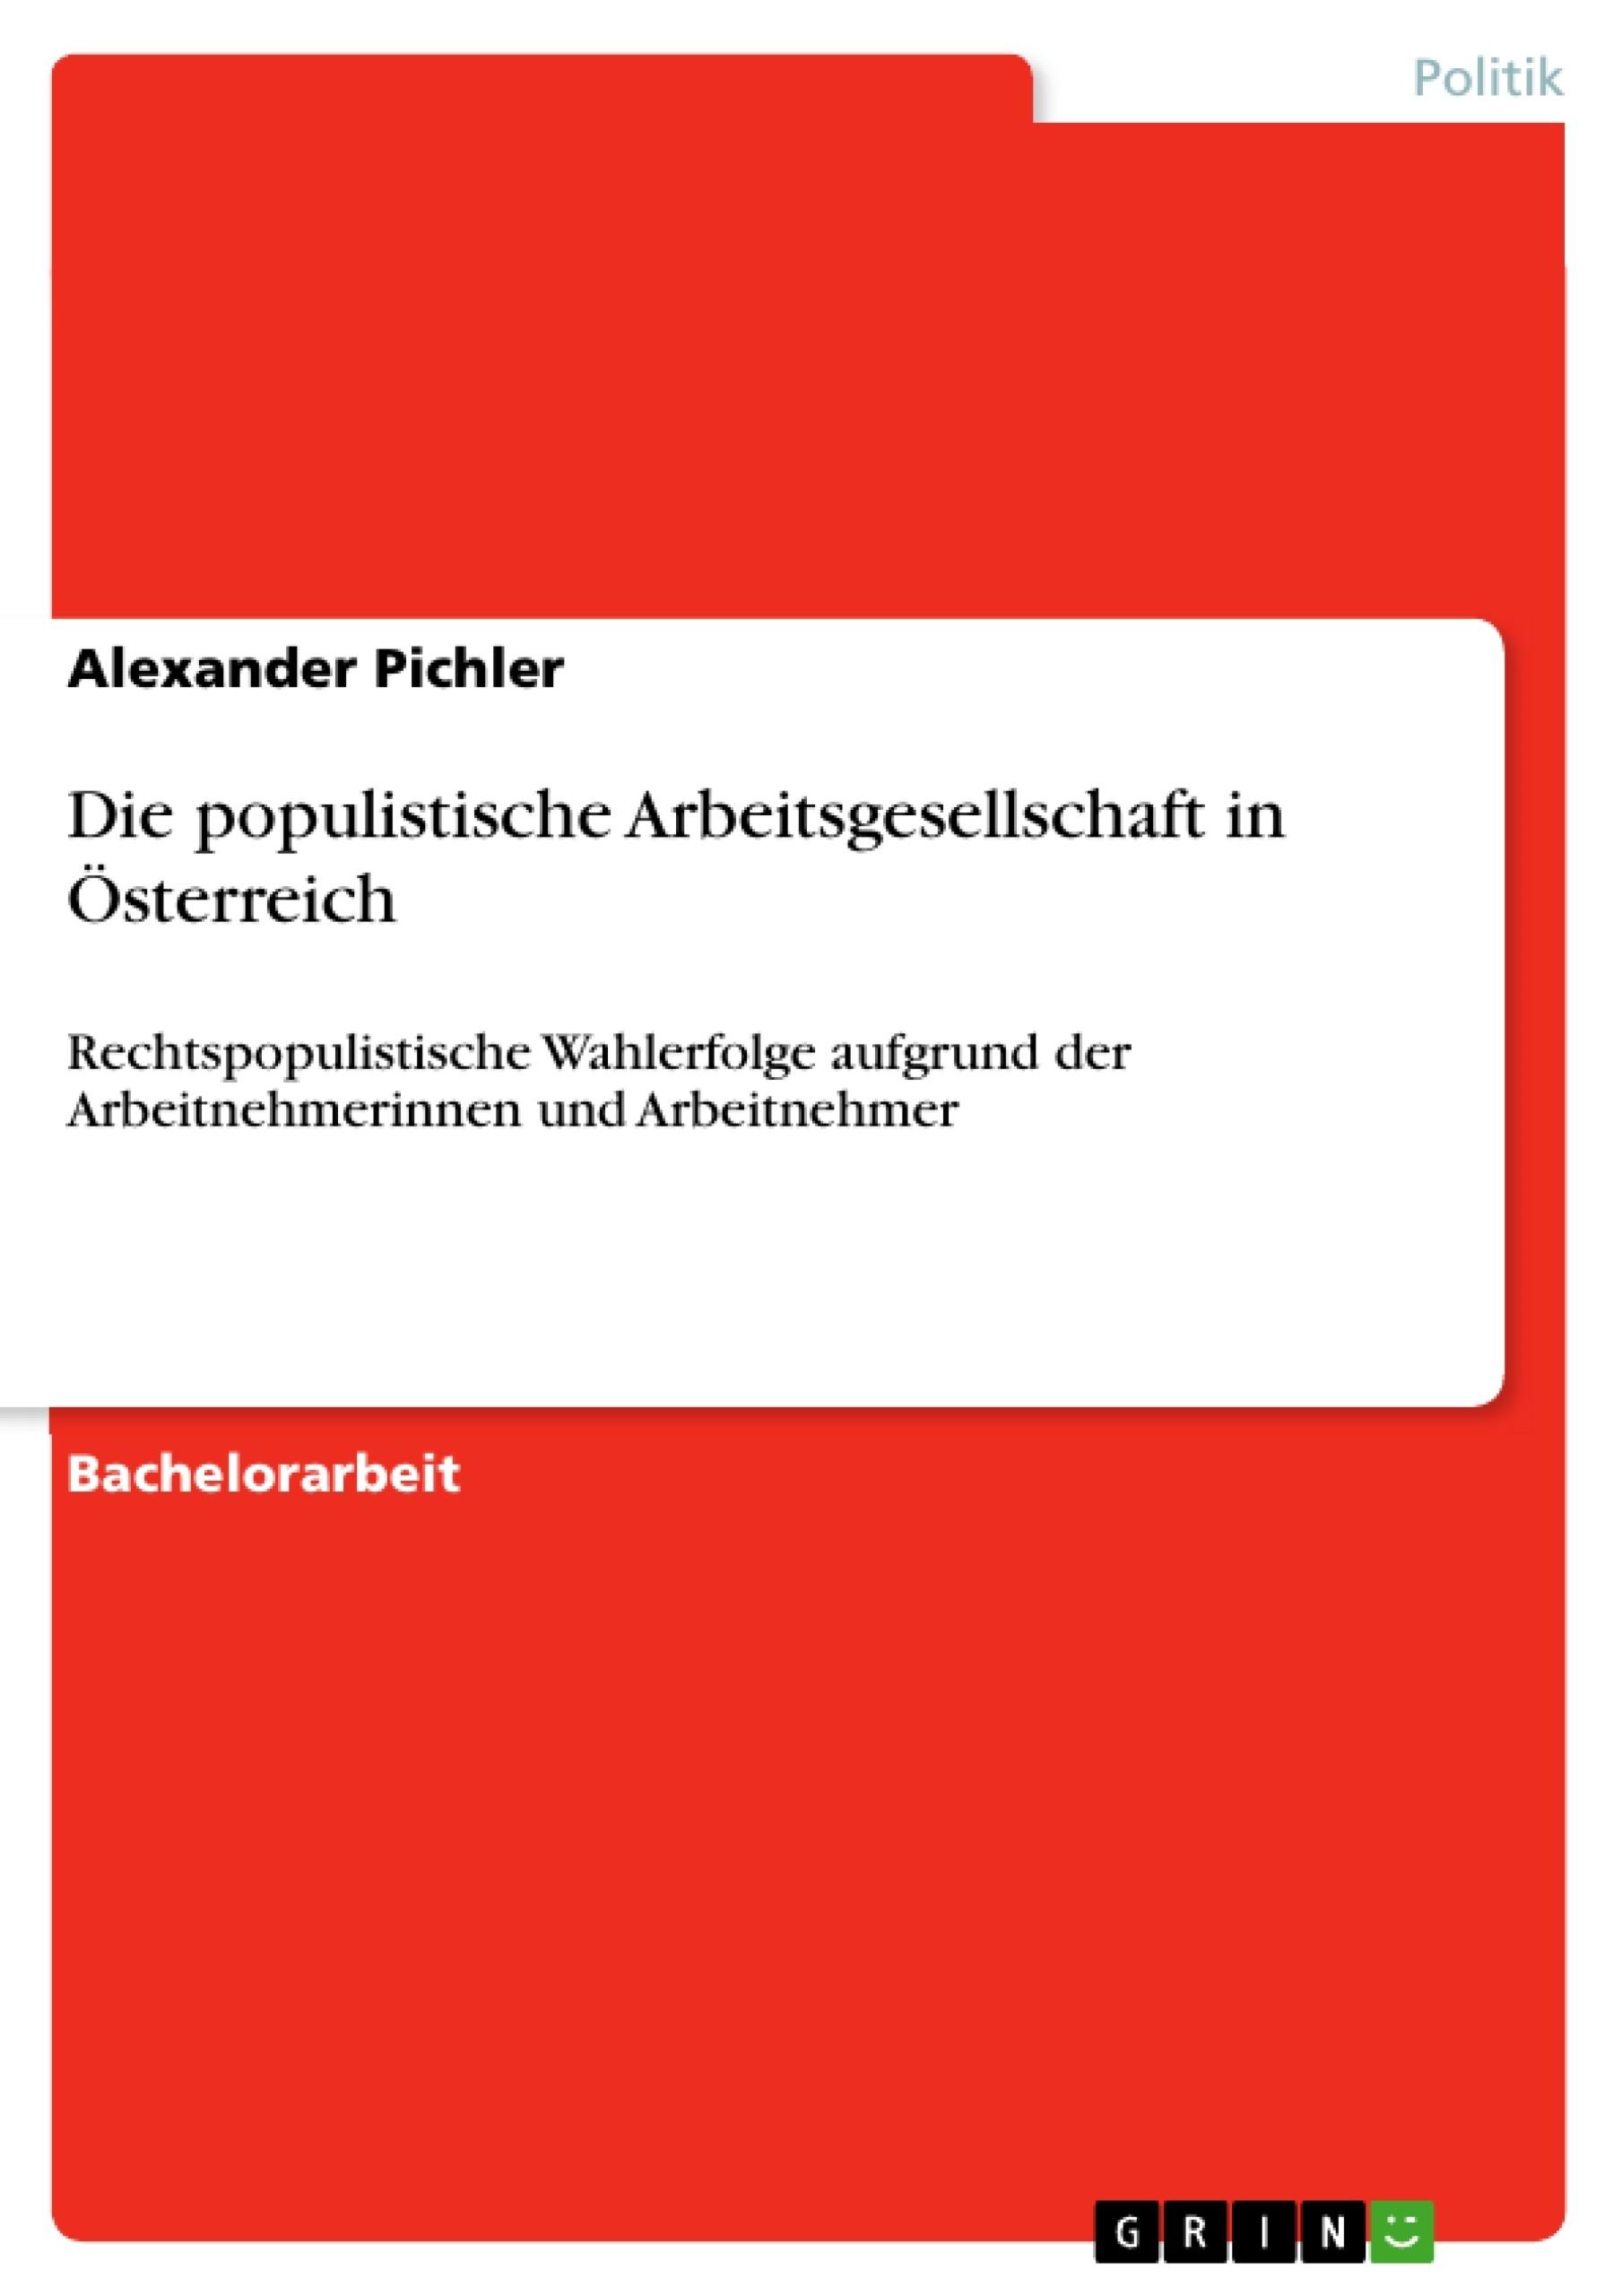 Titel: Die populistische Arbeitsgesellschaft in Österreich